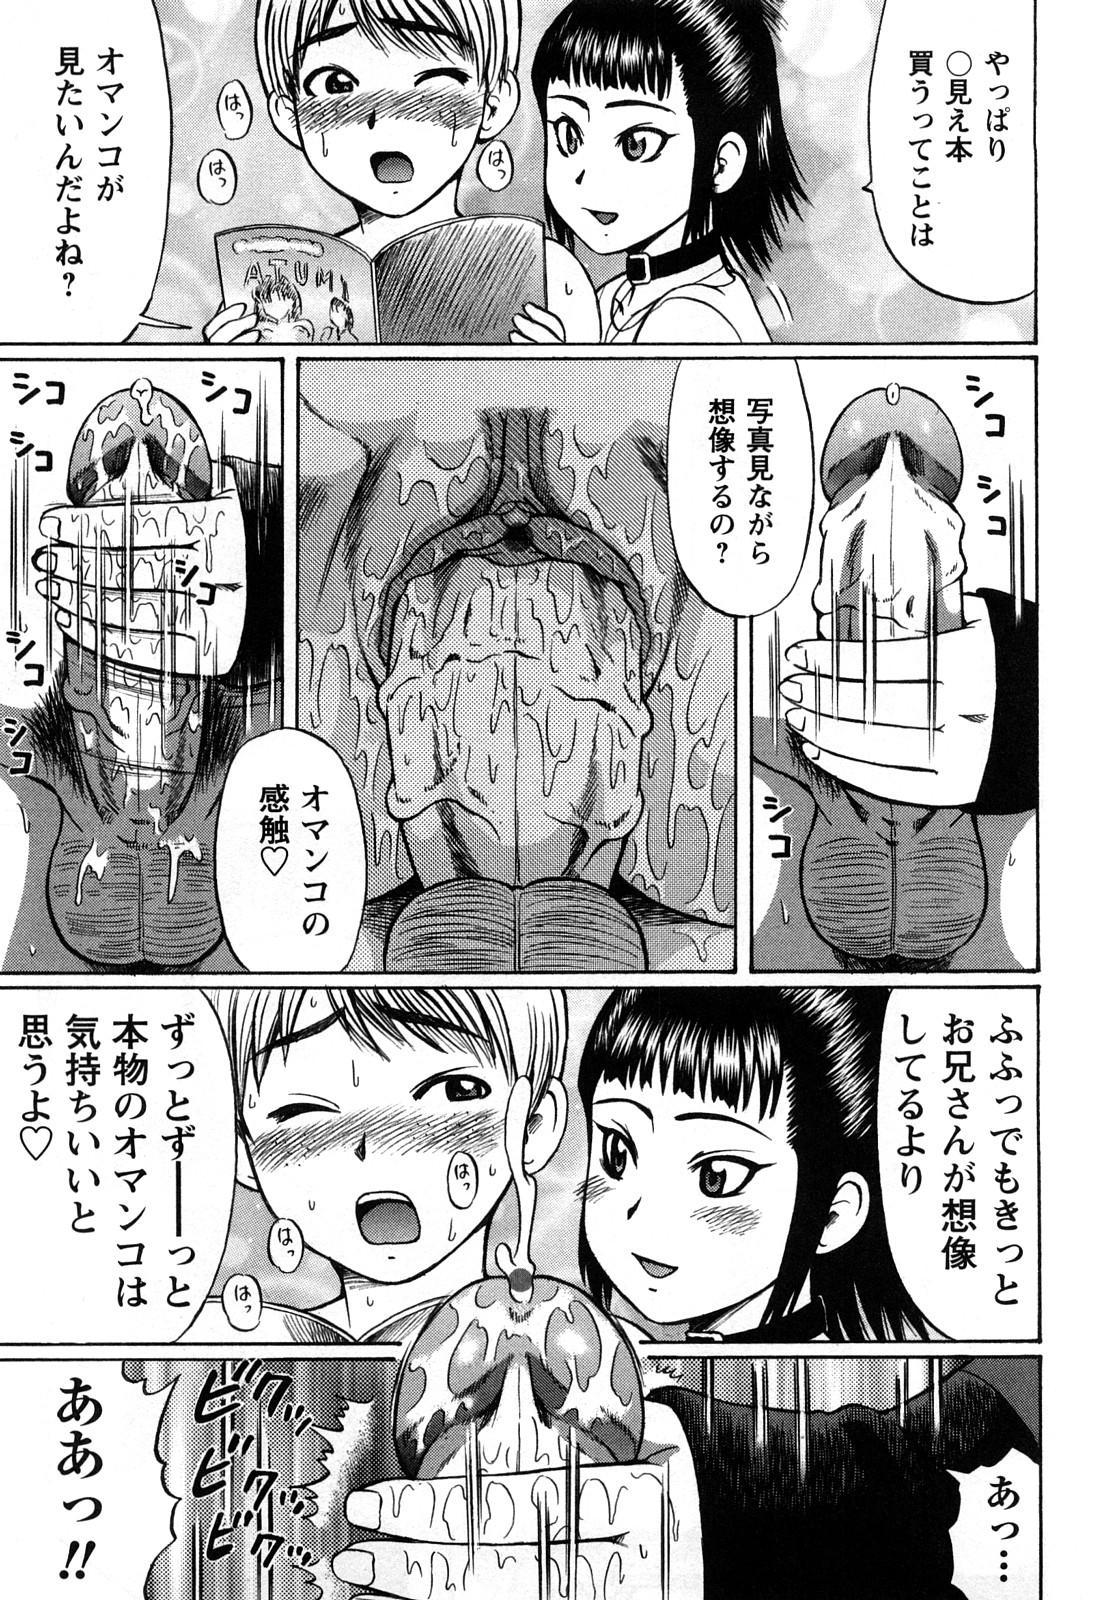 Kimi-tachi Doutei? 152